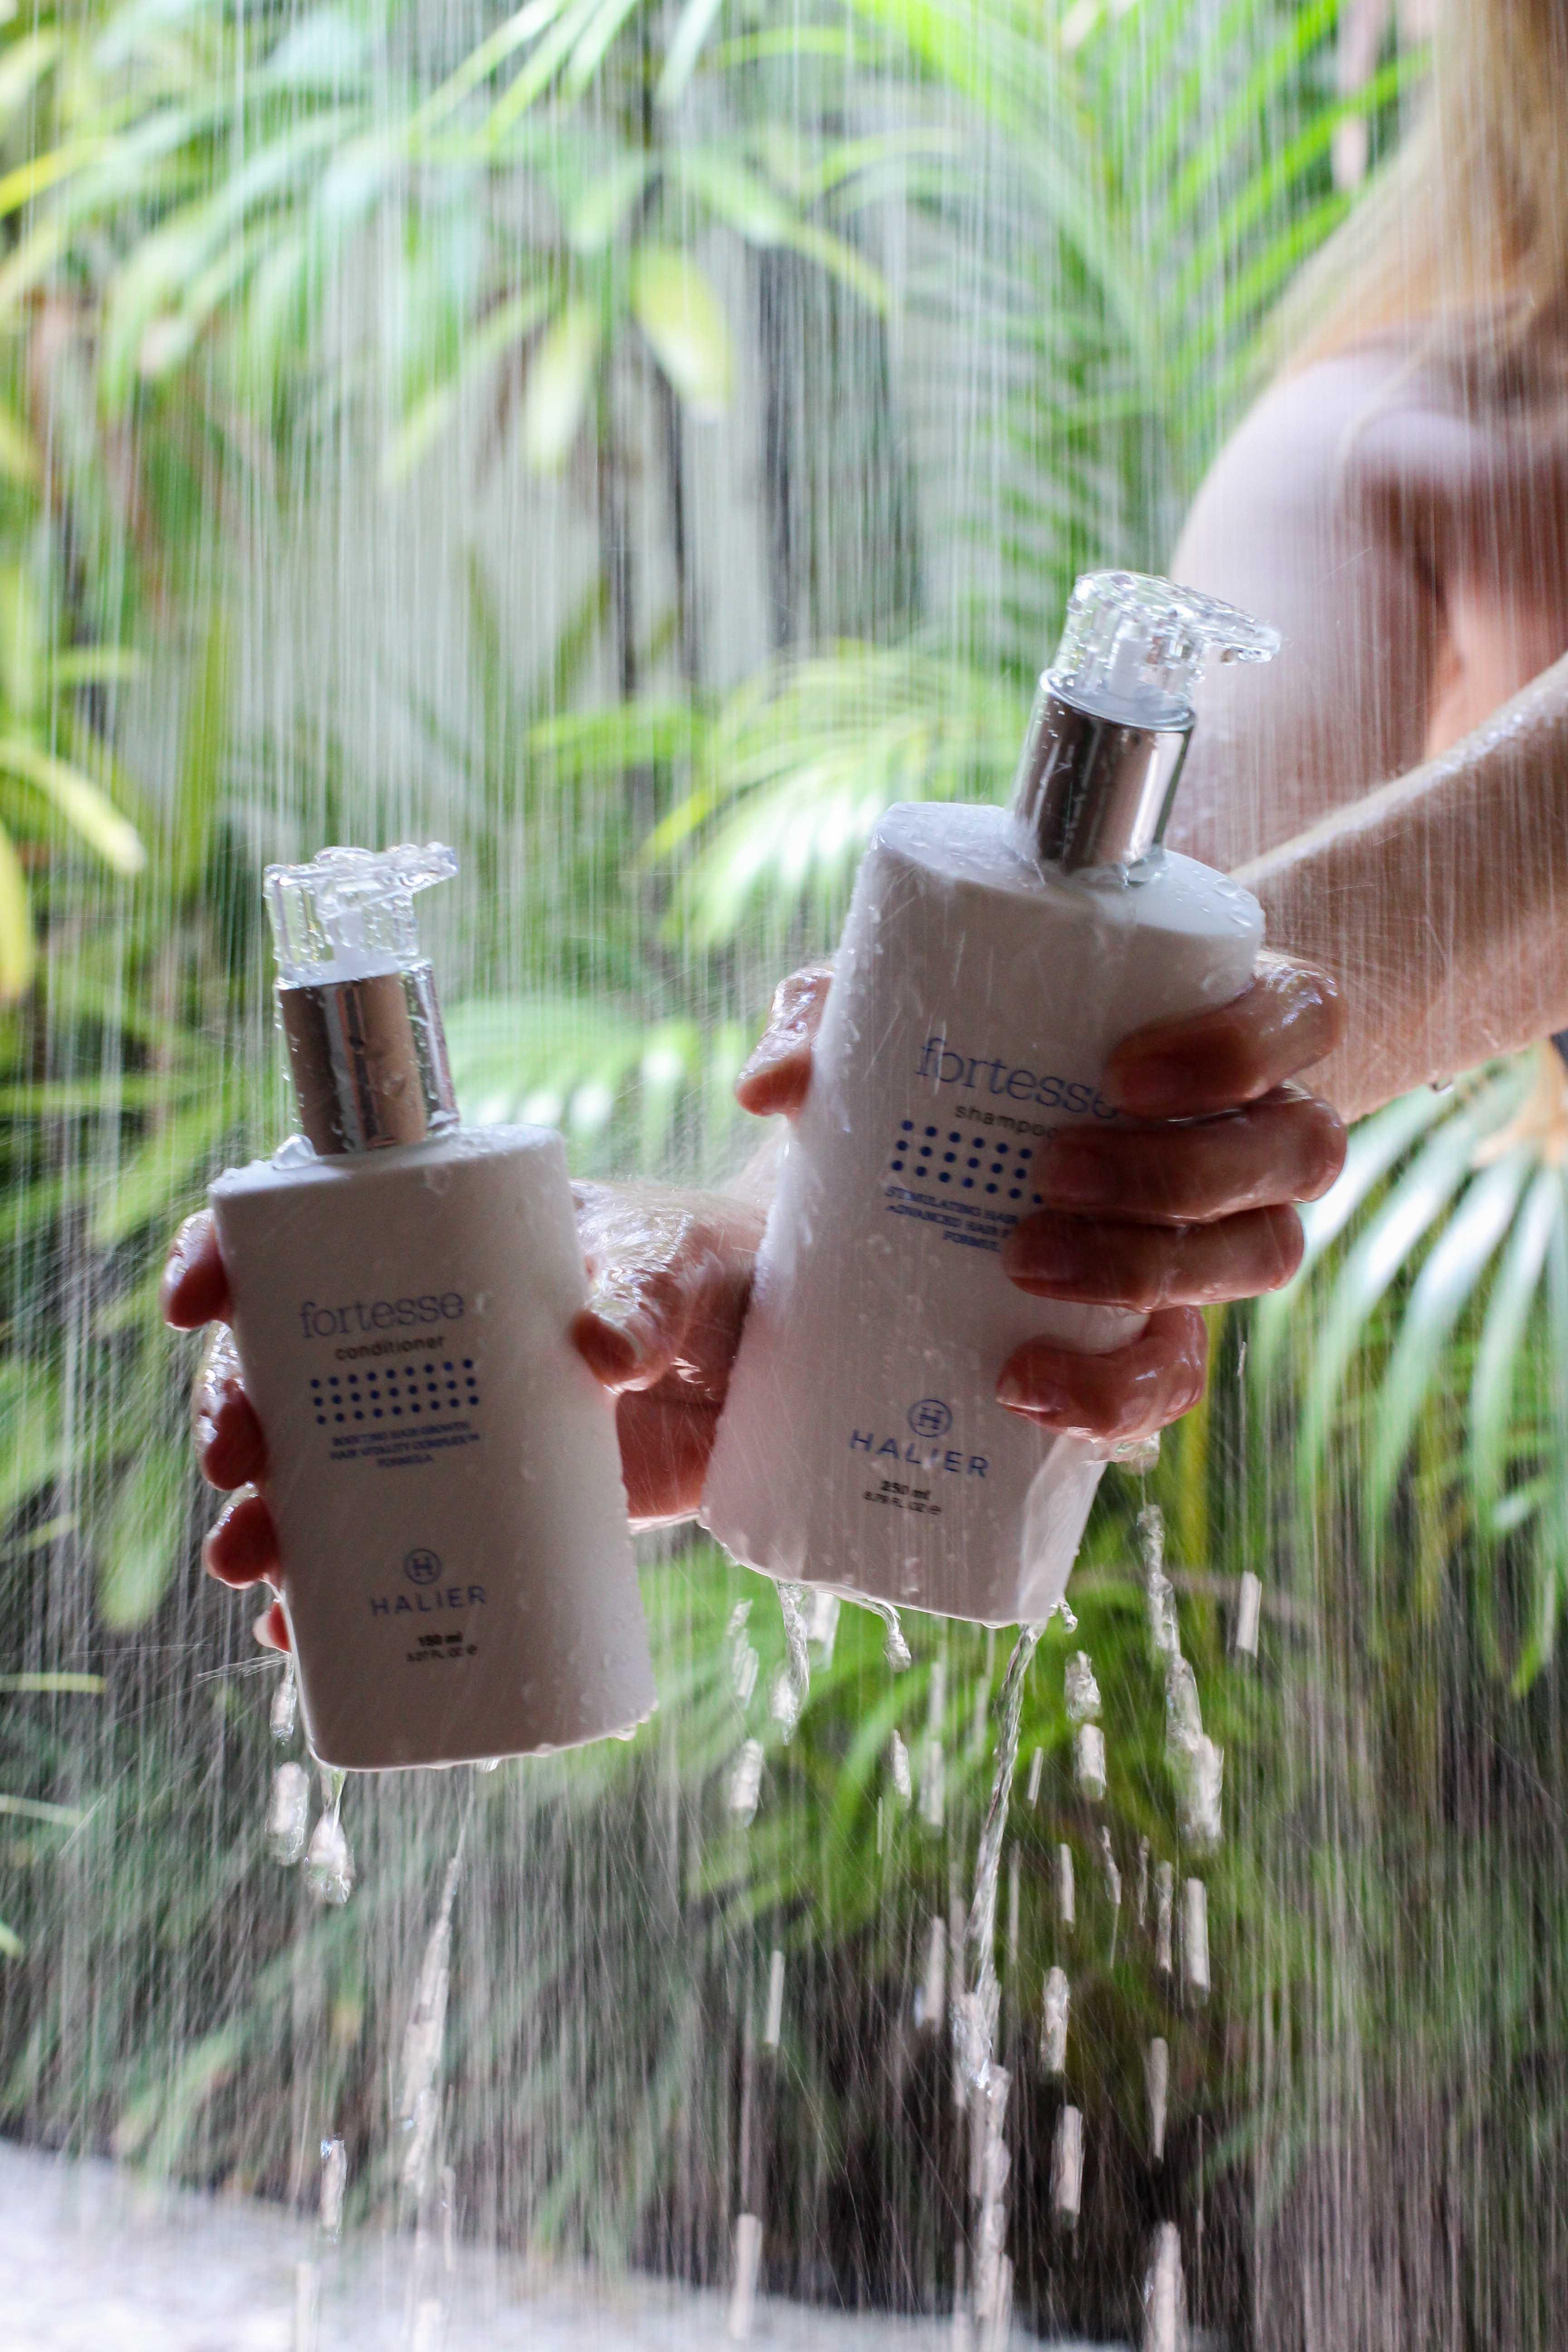 Haarpflege Halier Fortesse Shampoo Conditioner Test gesundes kräftiges Haar Beauty Blog Bali Dusche Palmen